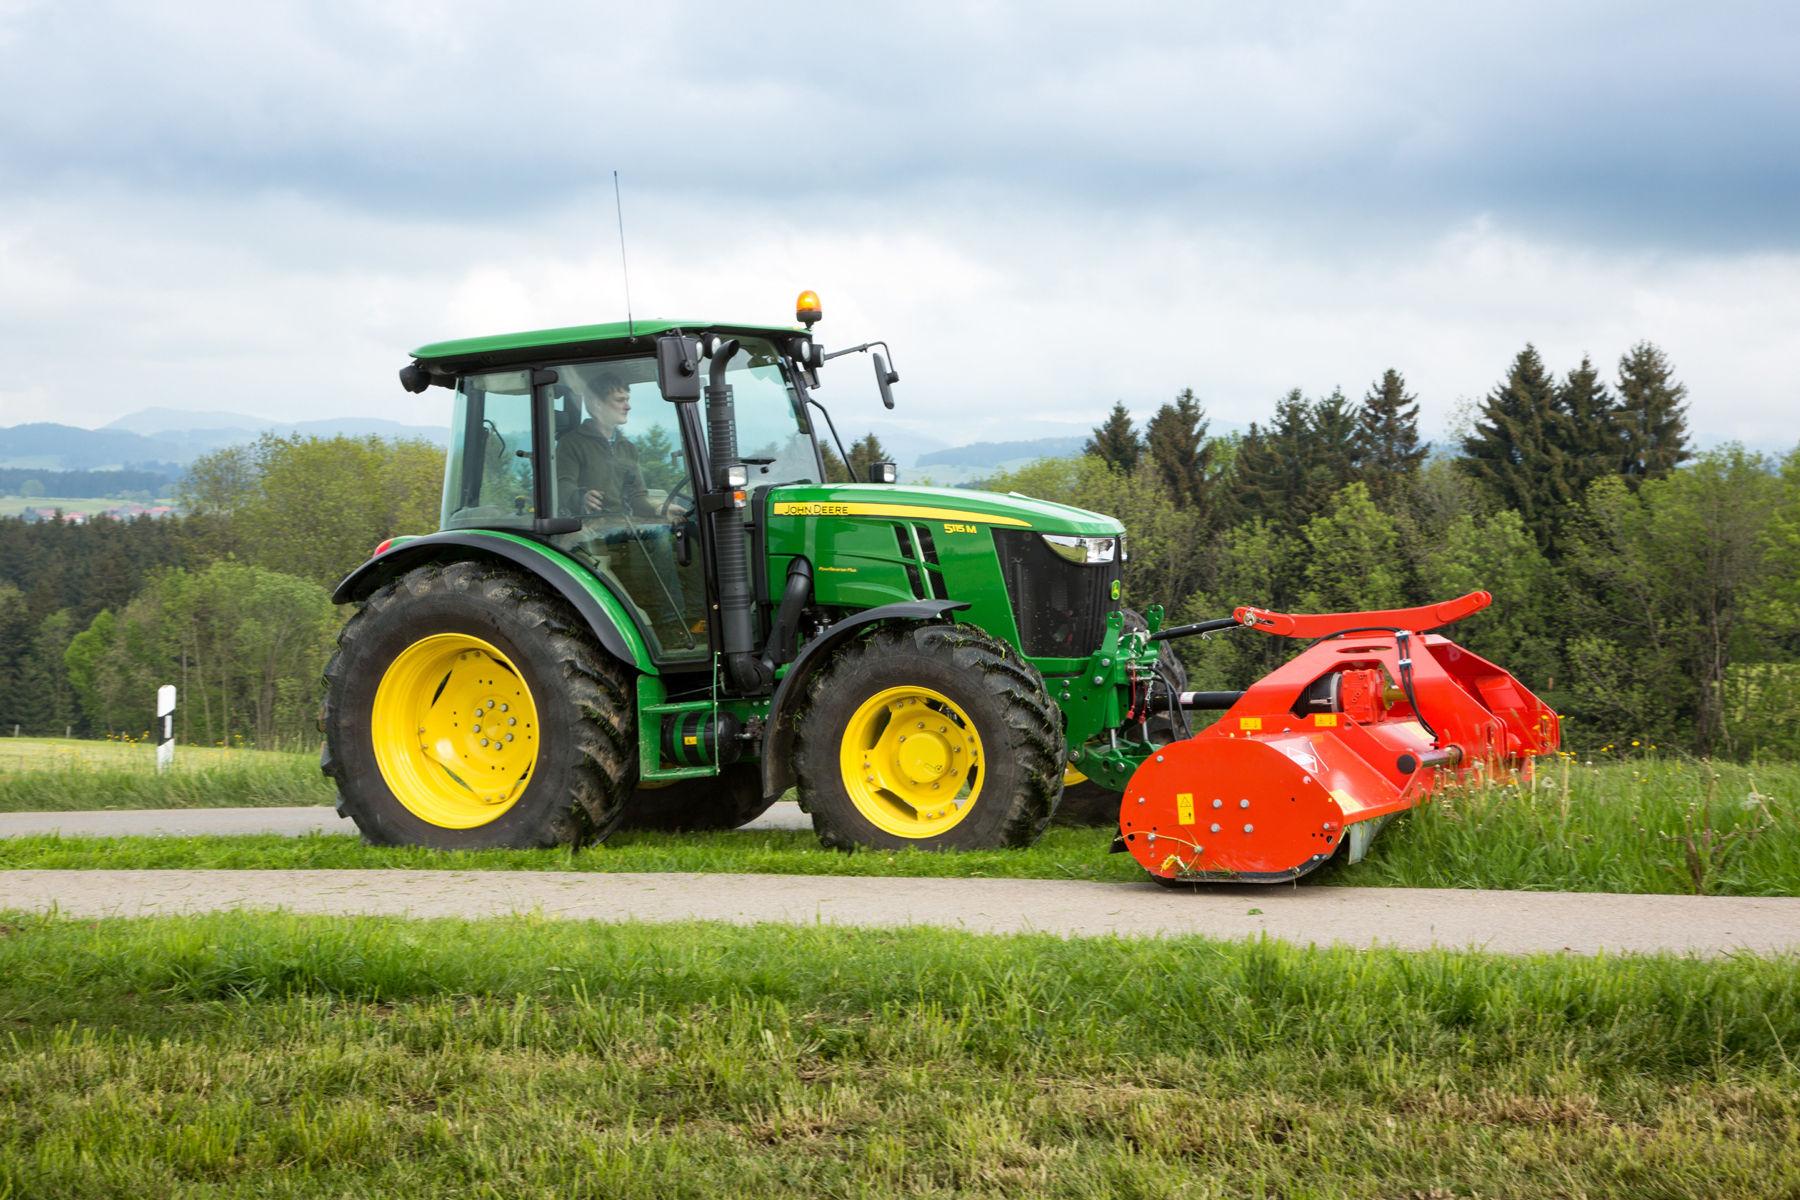 john deere new generation series tractors